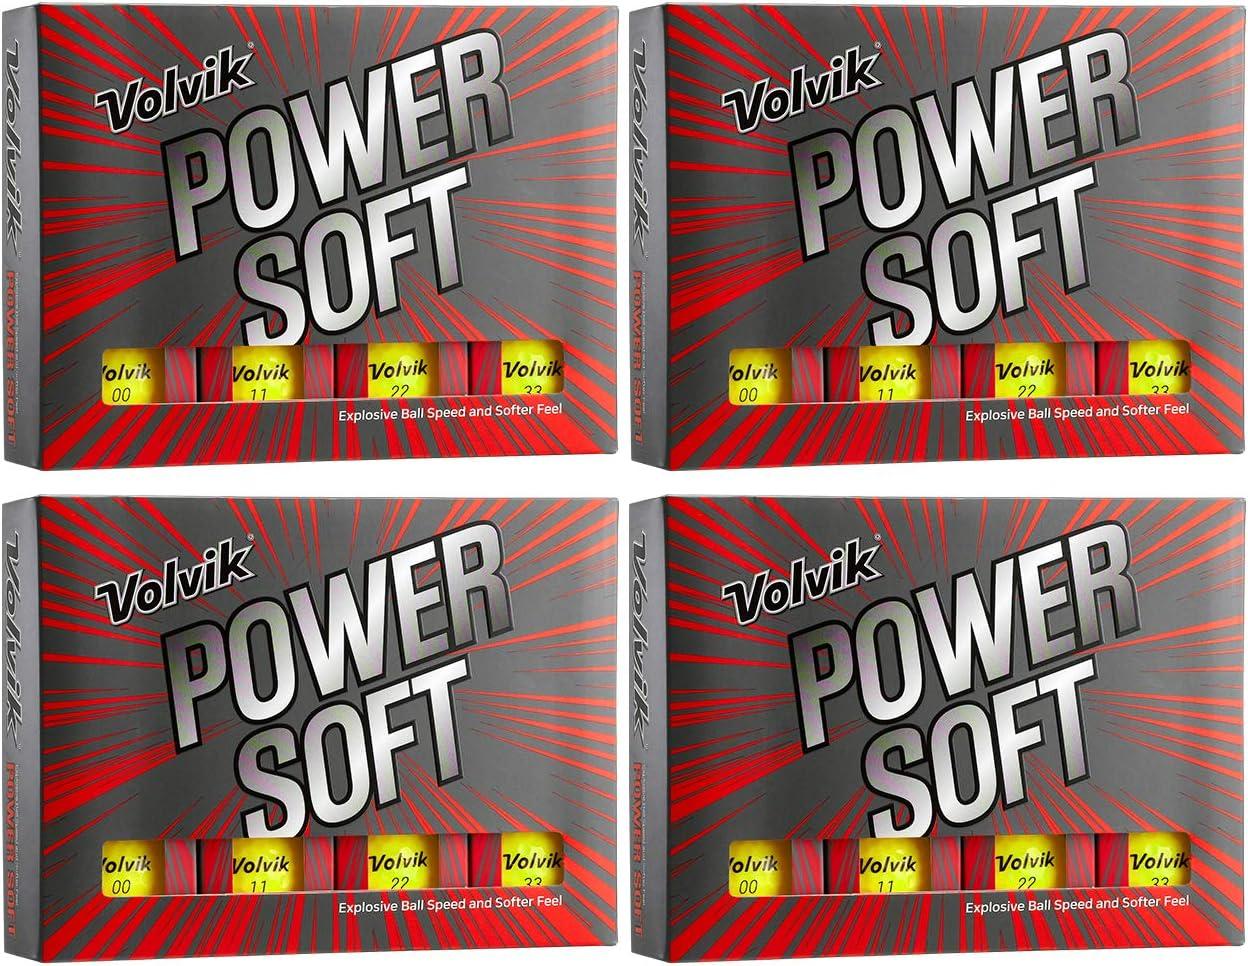 Volvik Power Soft Explosive Ball Speed Deluxe Golf Balls 4 Fort Worth Mall Bundle Dozen